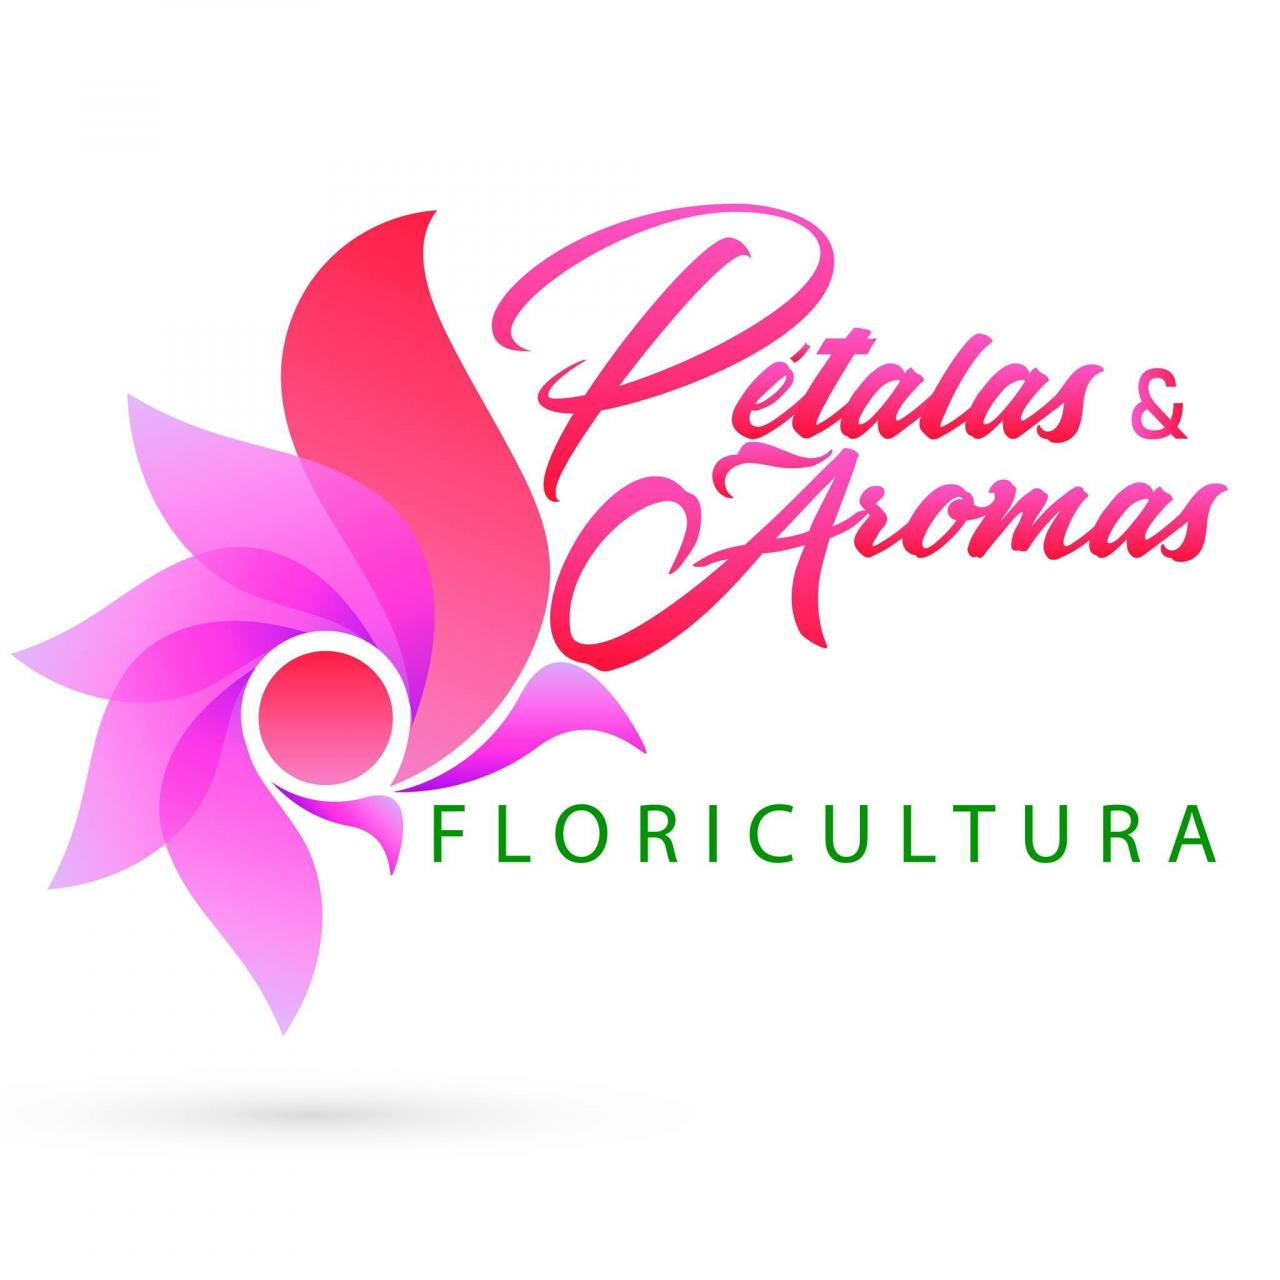 Floricultura pétalas e aromas